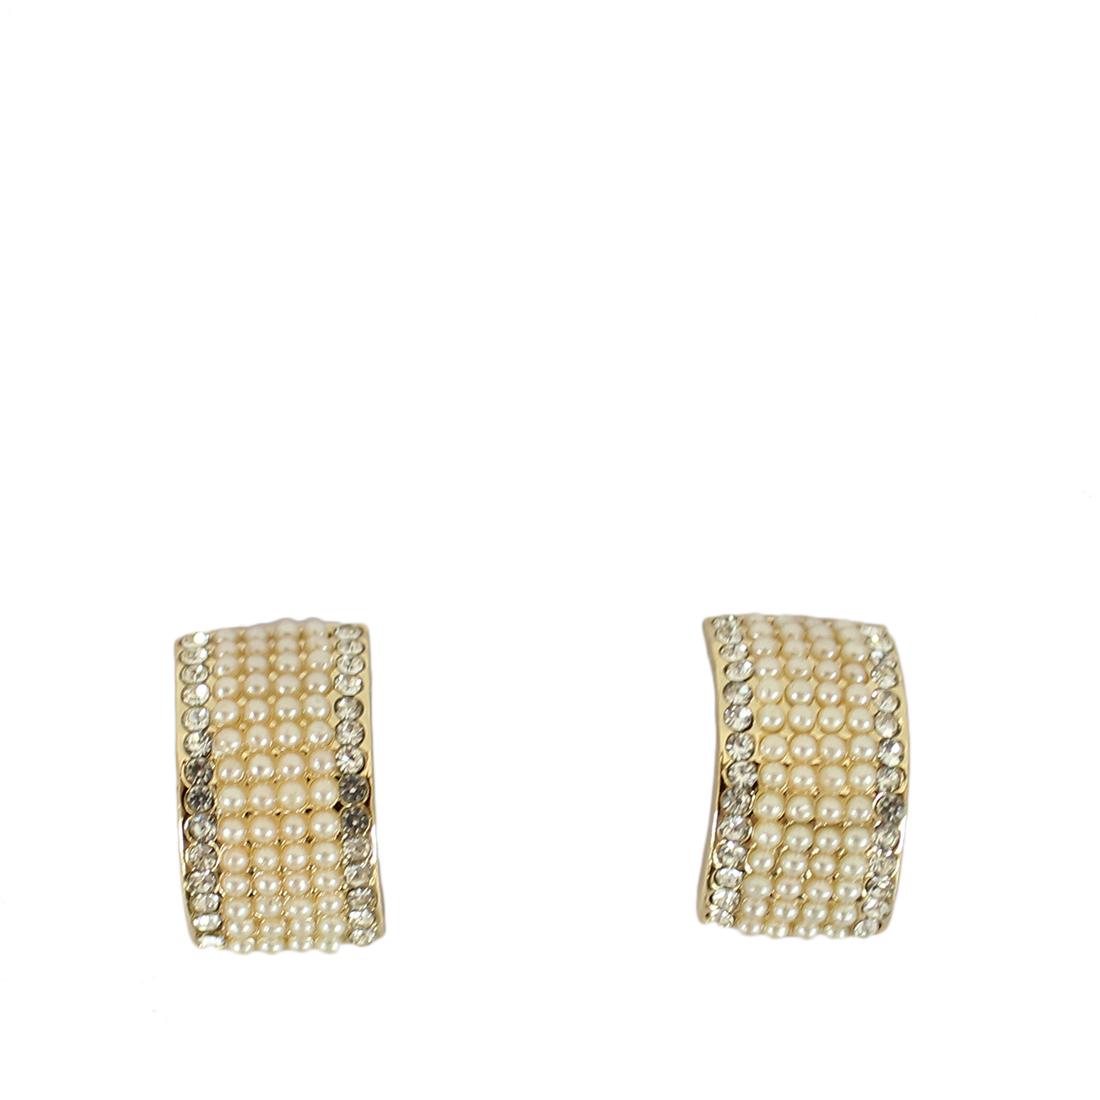 Small half hoop earrings with pearls